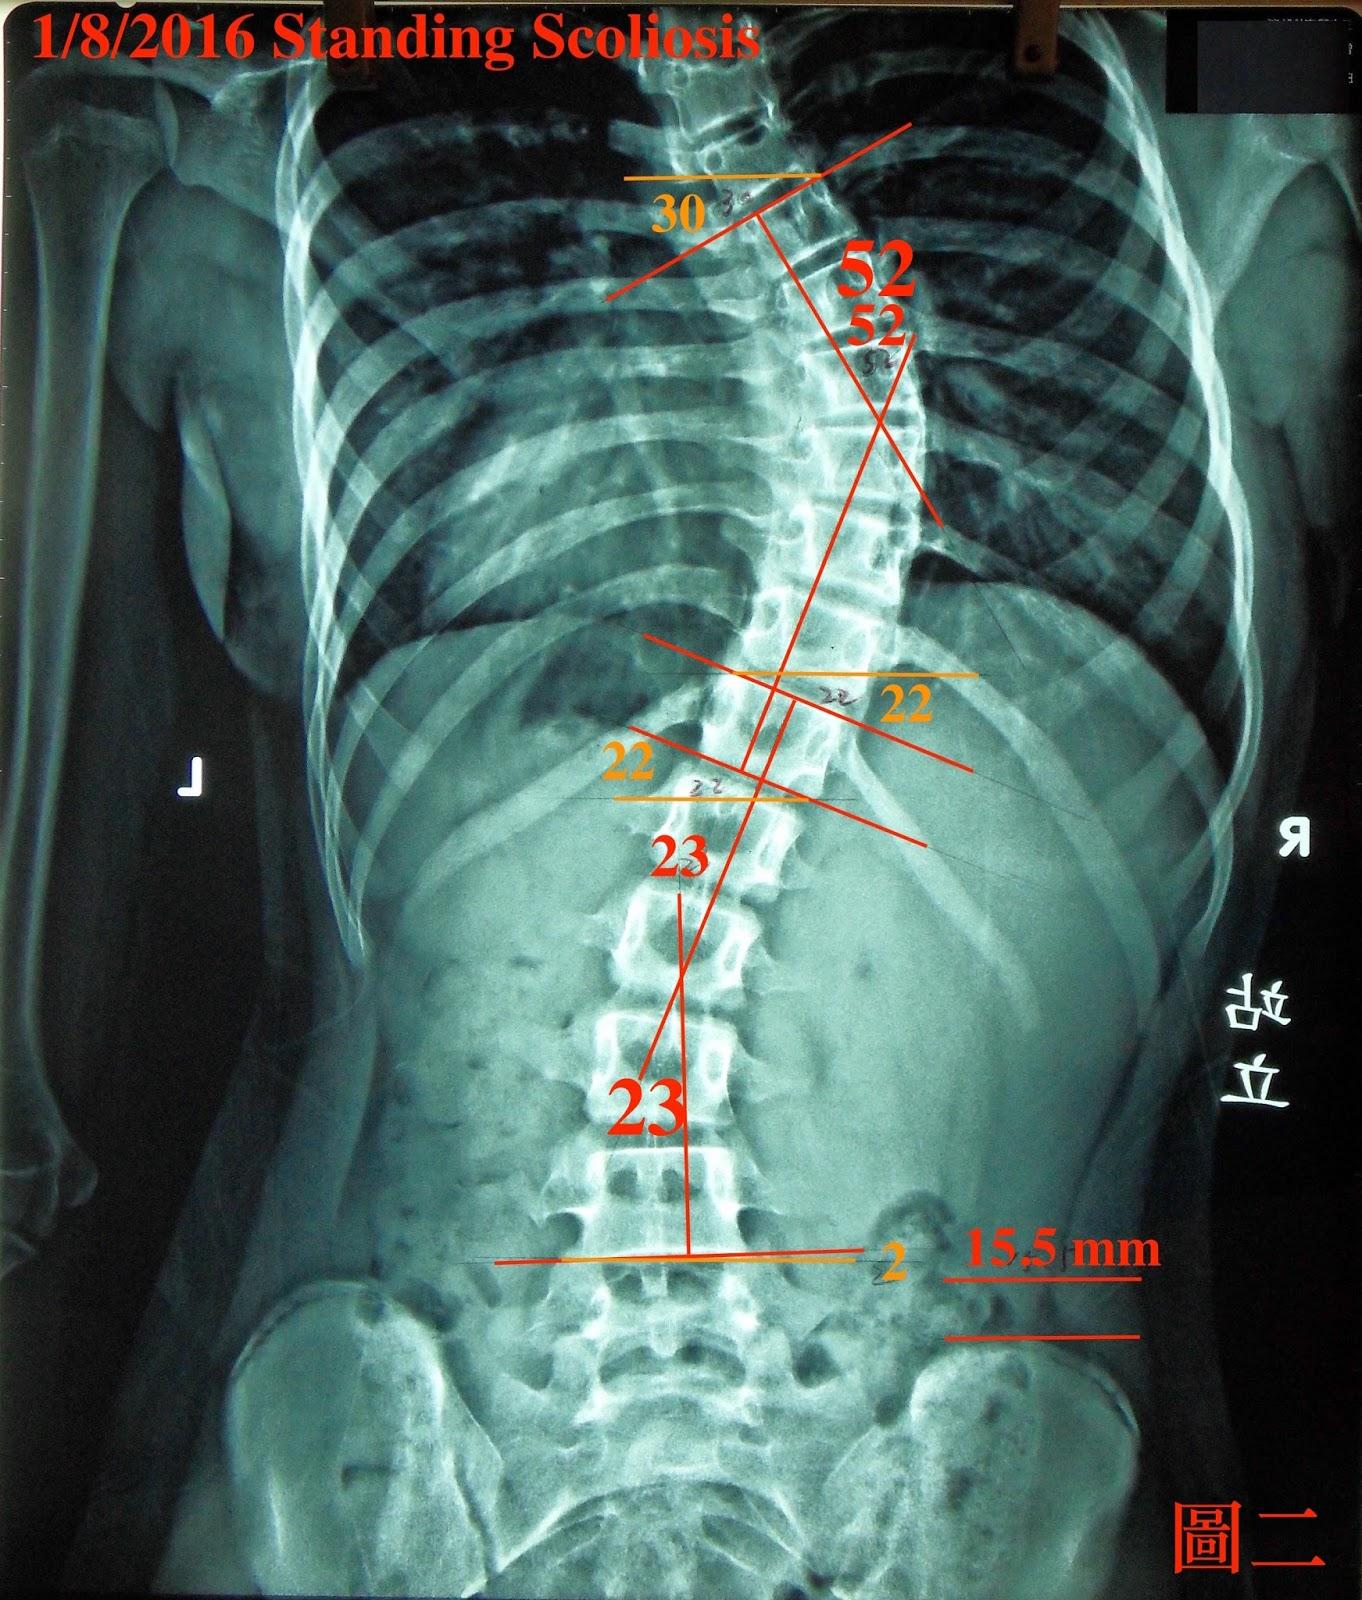 脊椎側彎矯正案例15 - 治療16次/ 52度-42.5度 - 閻曉華脊骨神經醫學網